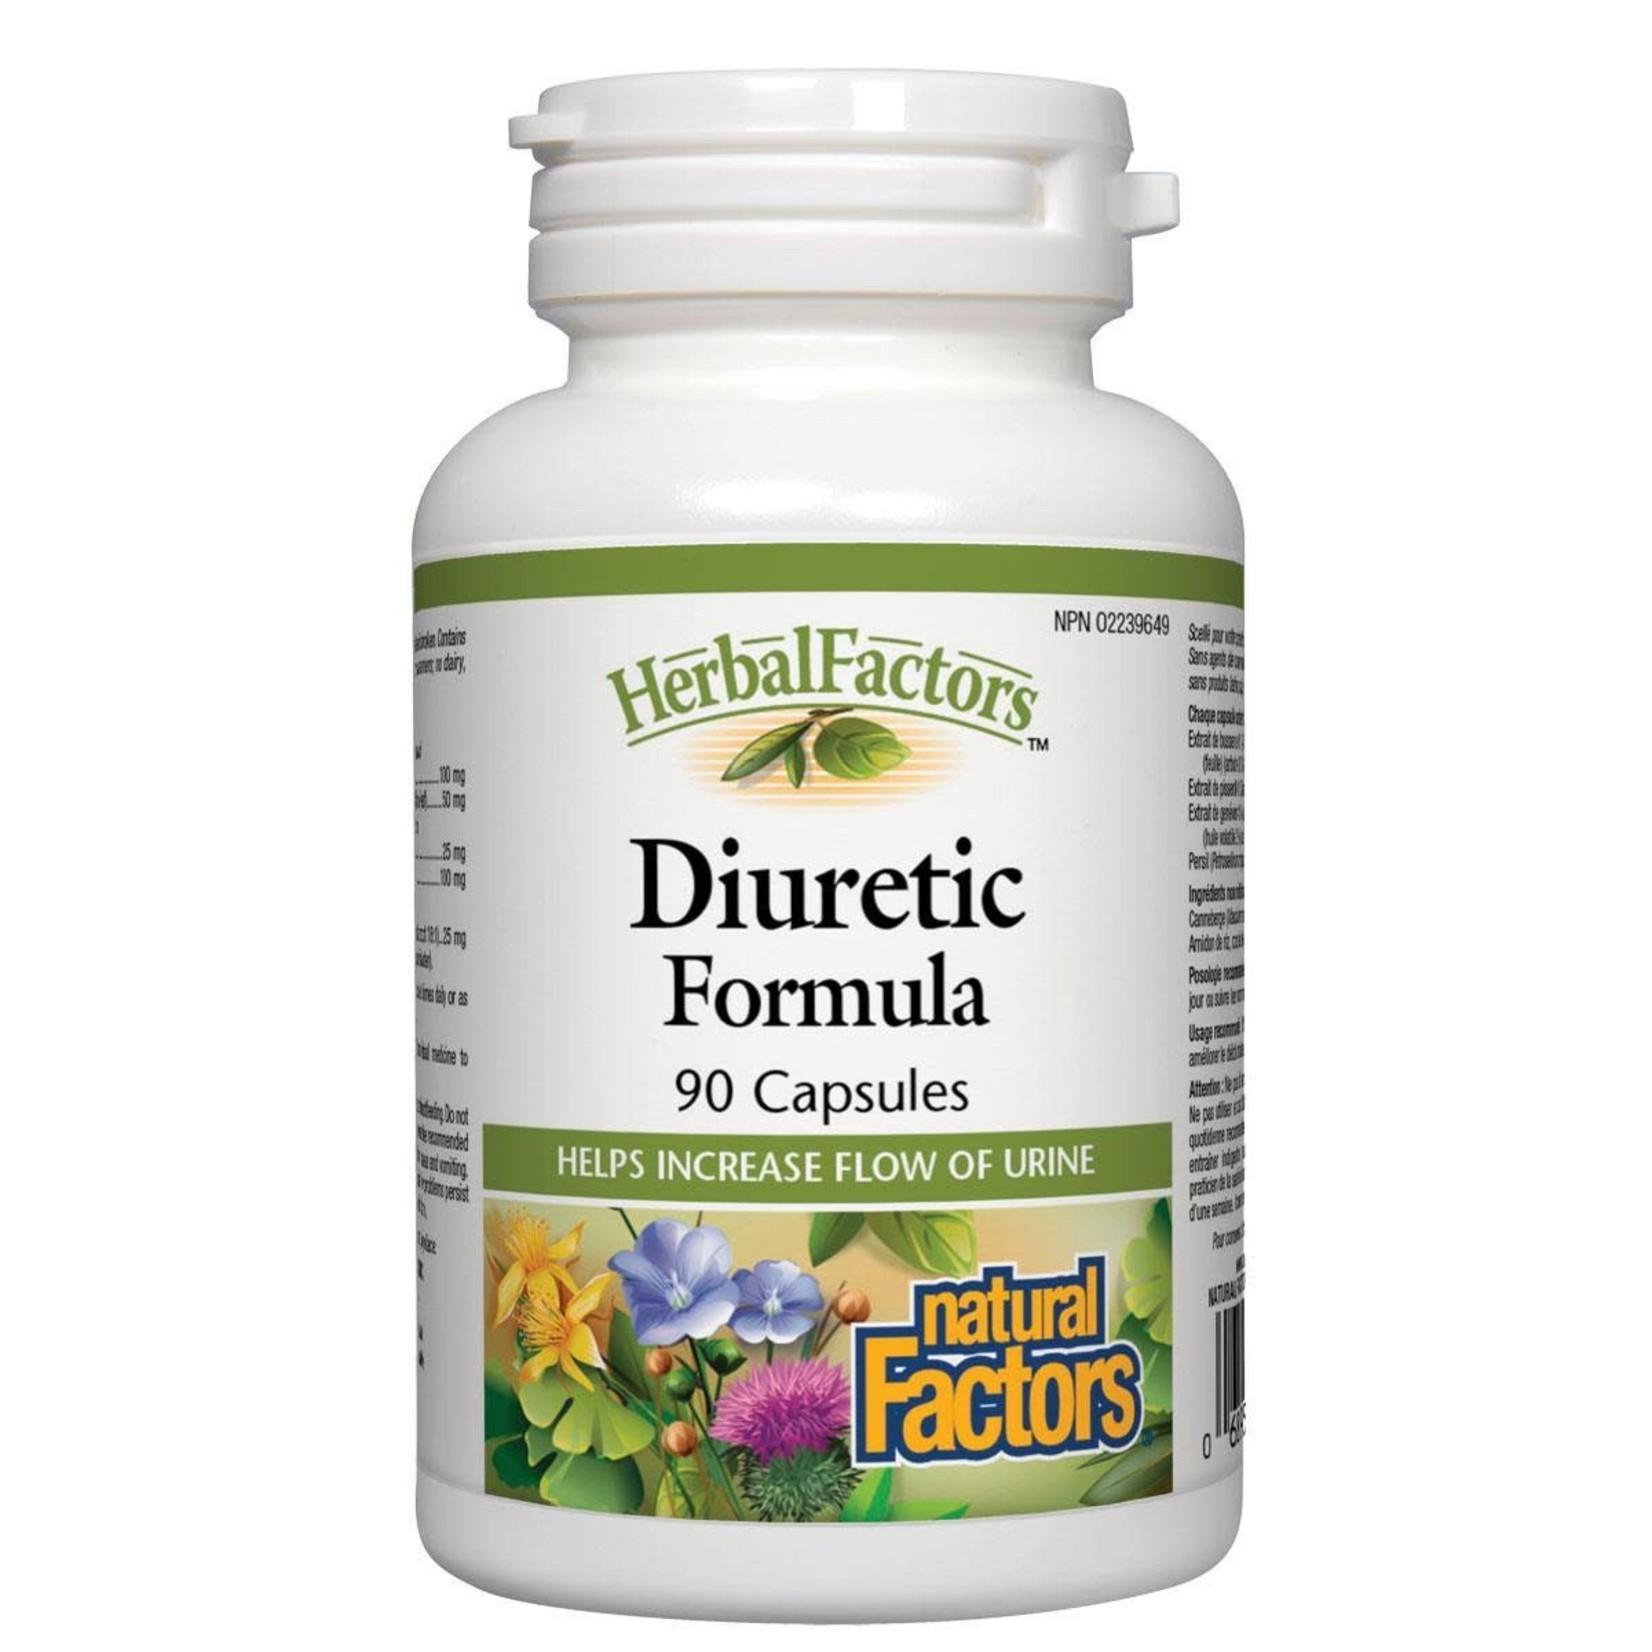 Natural Factors Natural Factors Diuretic Formula 90 caps